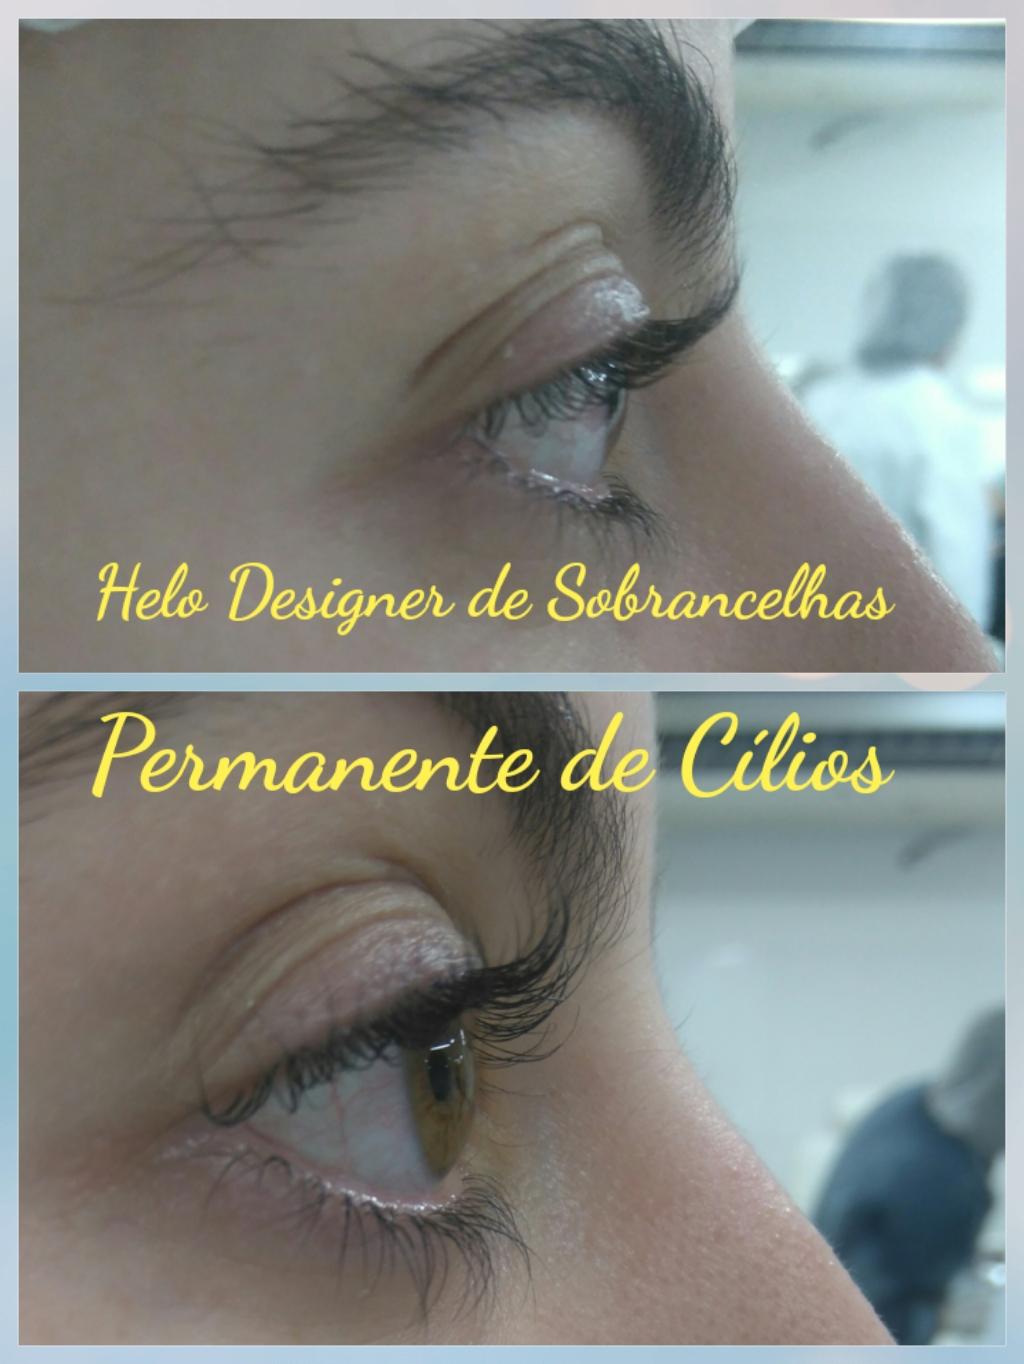 Permanente em cílios,  embelezamento do olhar designer de sobrancelhas micropigmentador(a)